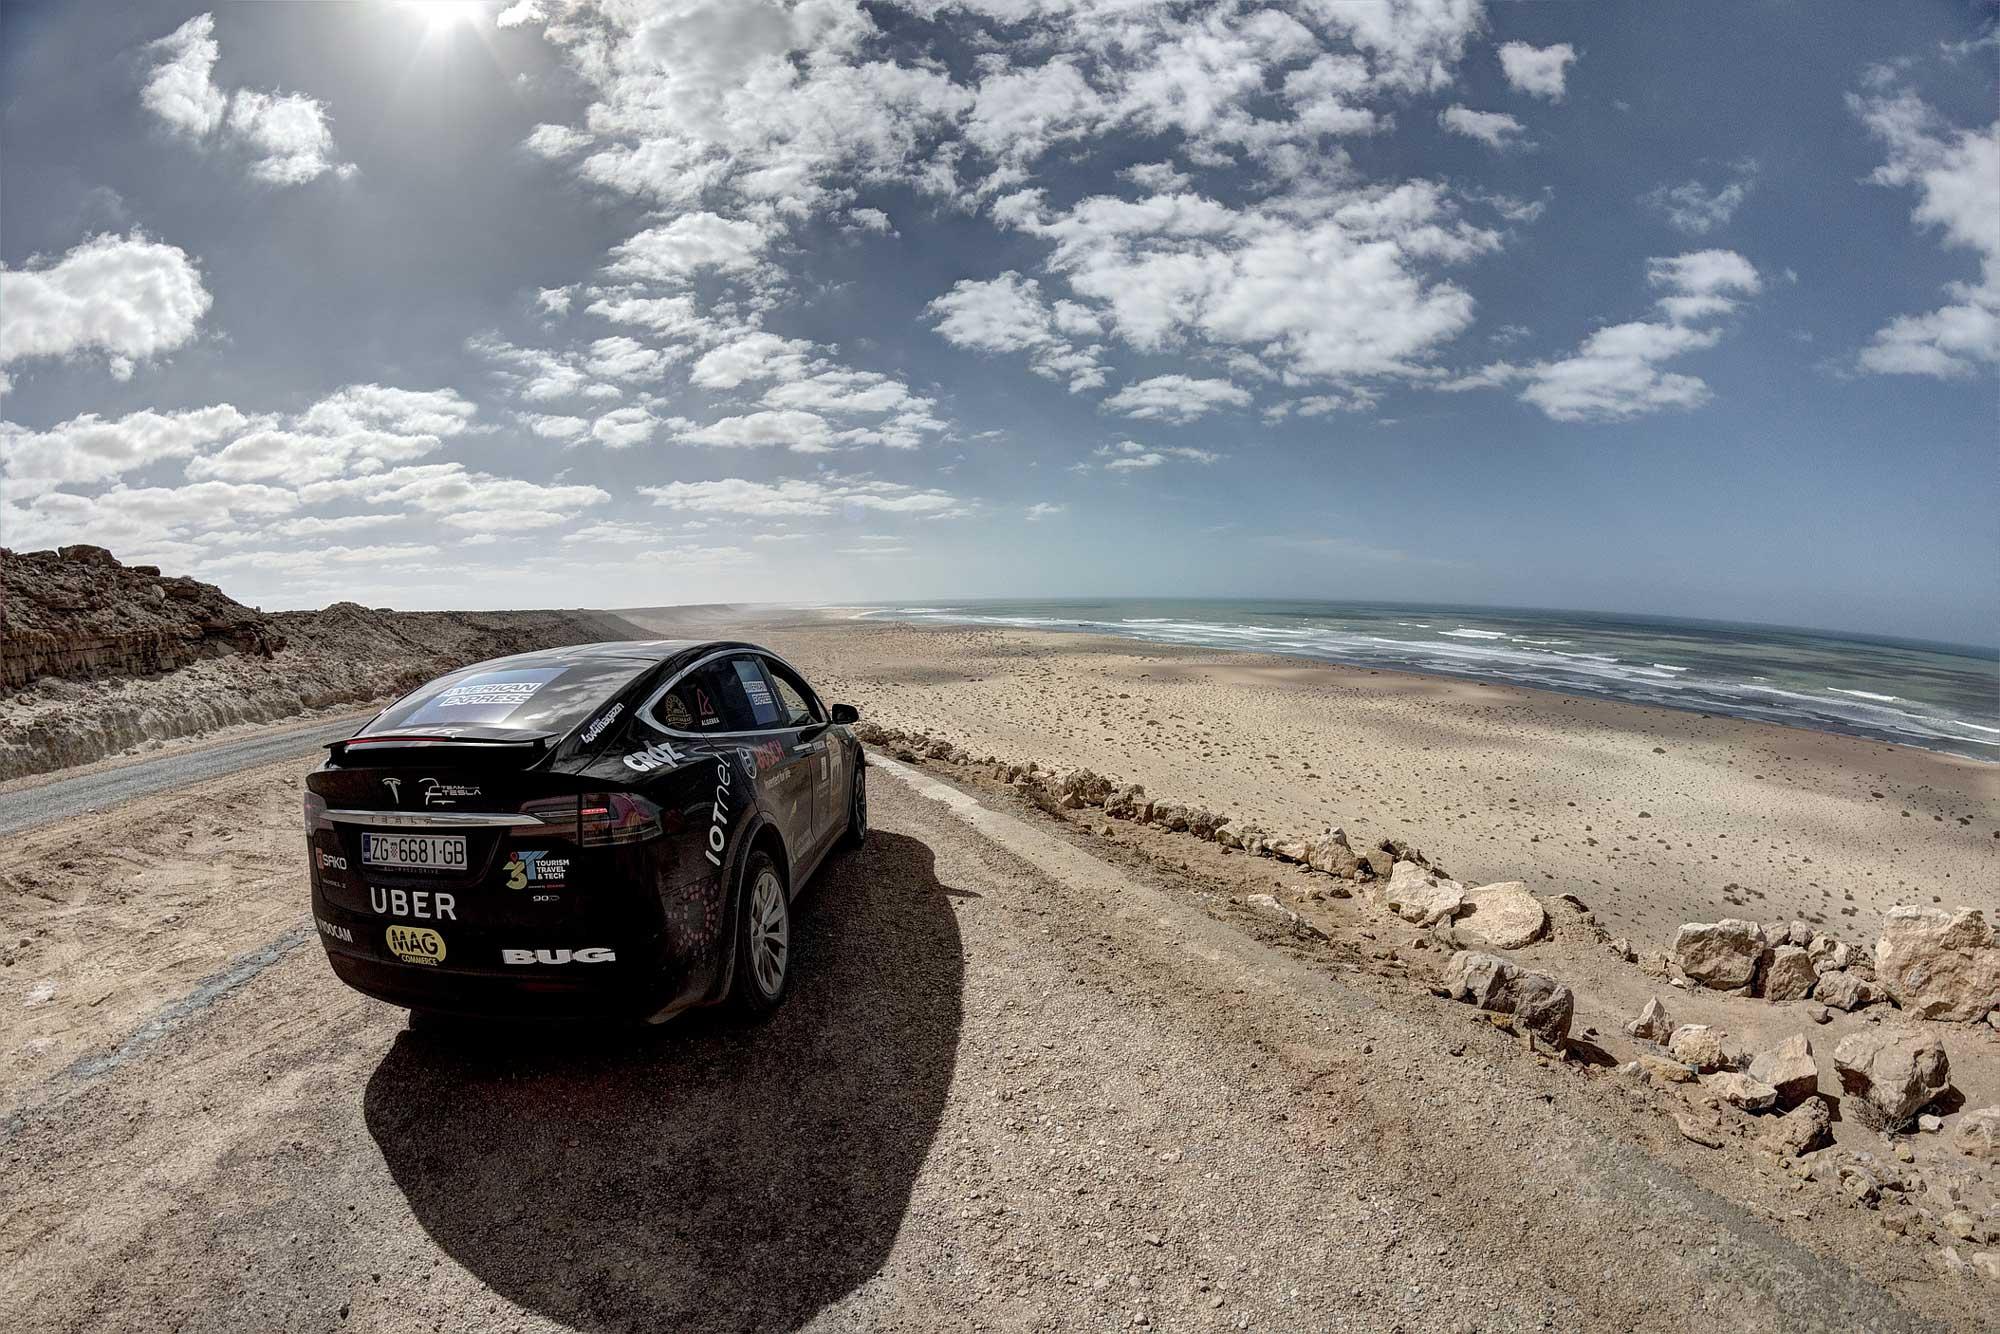 3T - Tourism, Travel & Tech: 2. izdanje konferencije o tehnologiji u turizmu Tesla Team